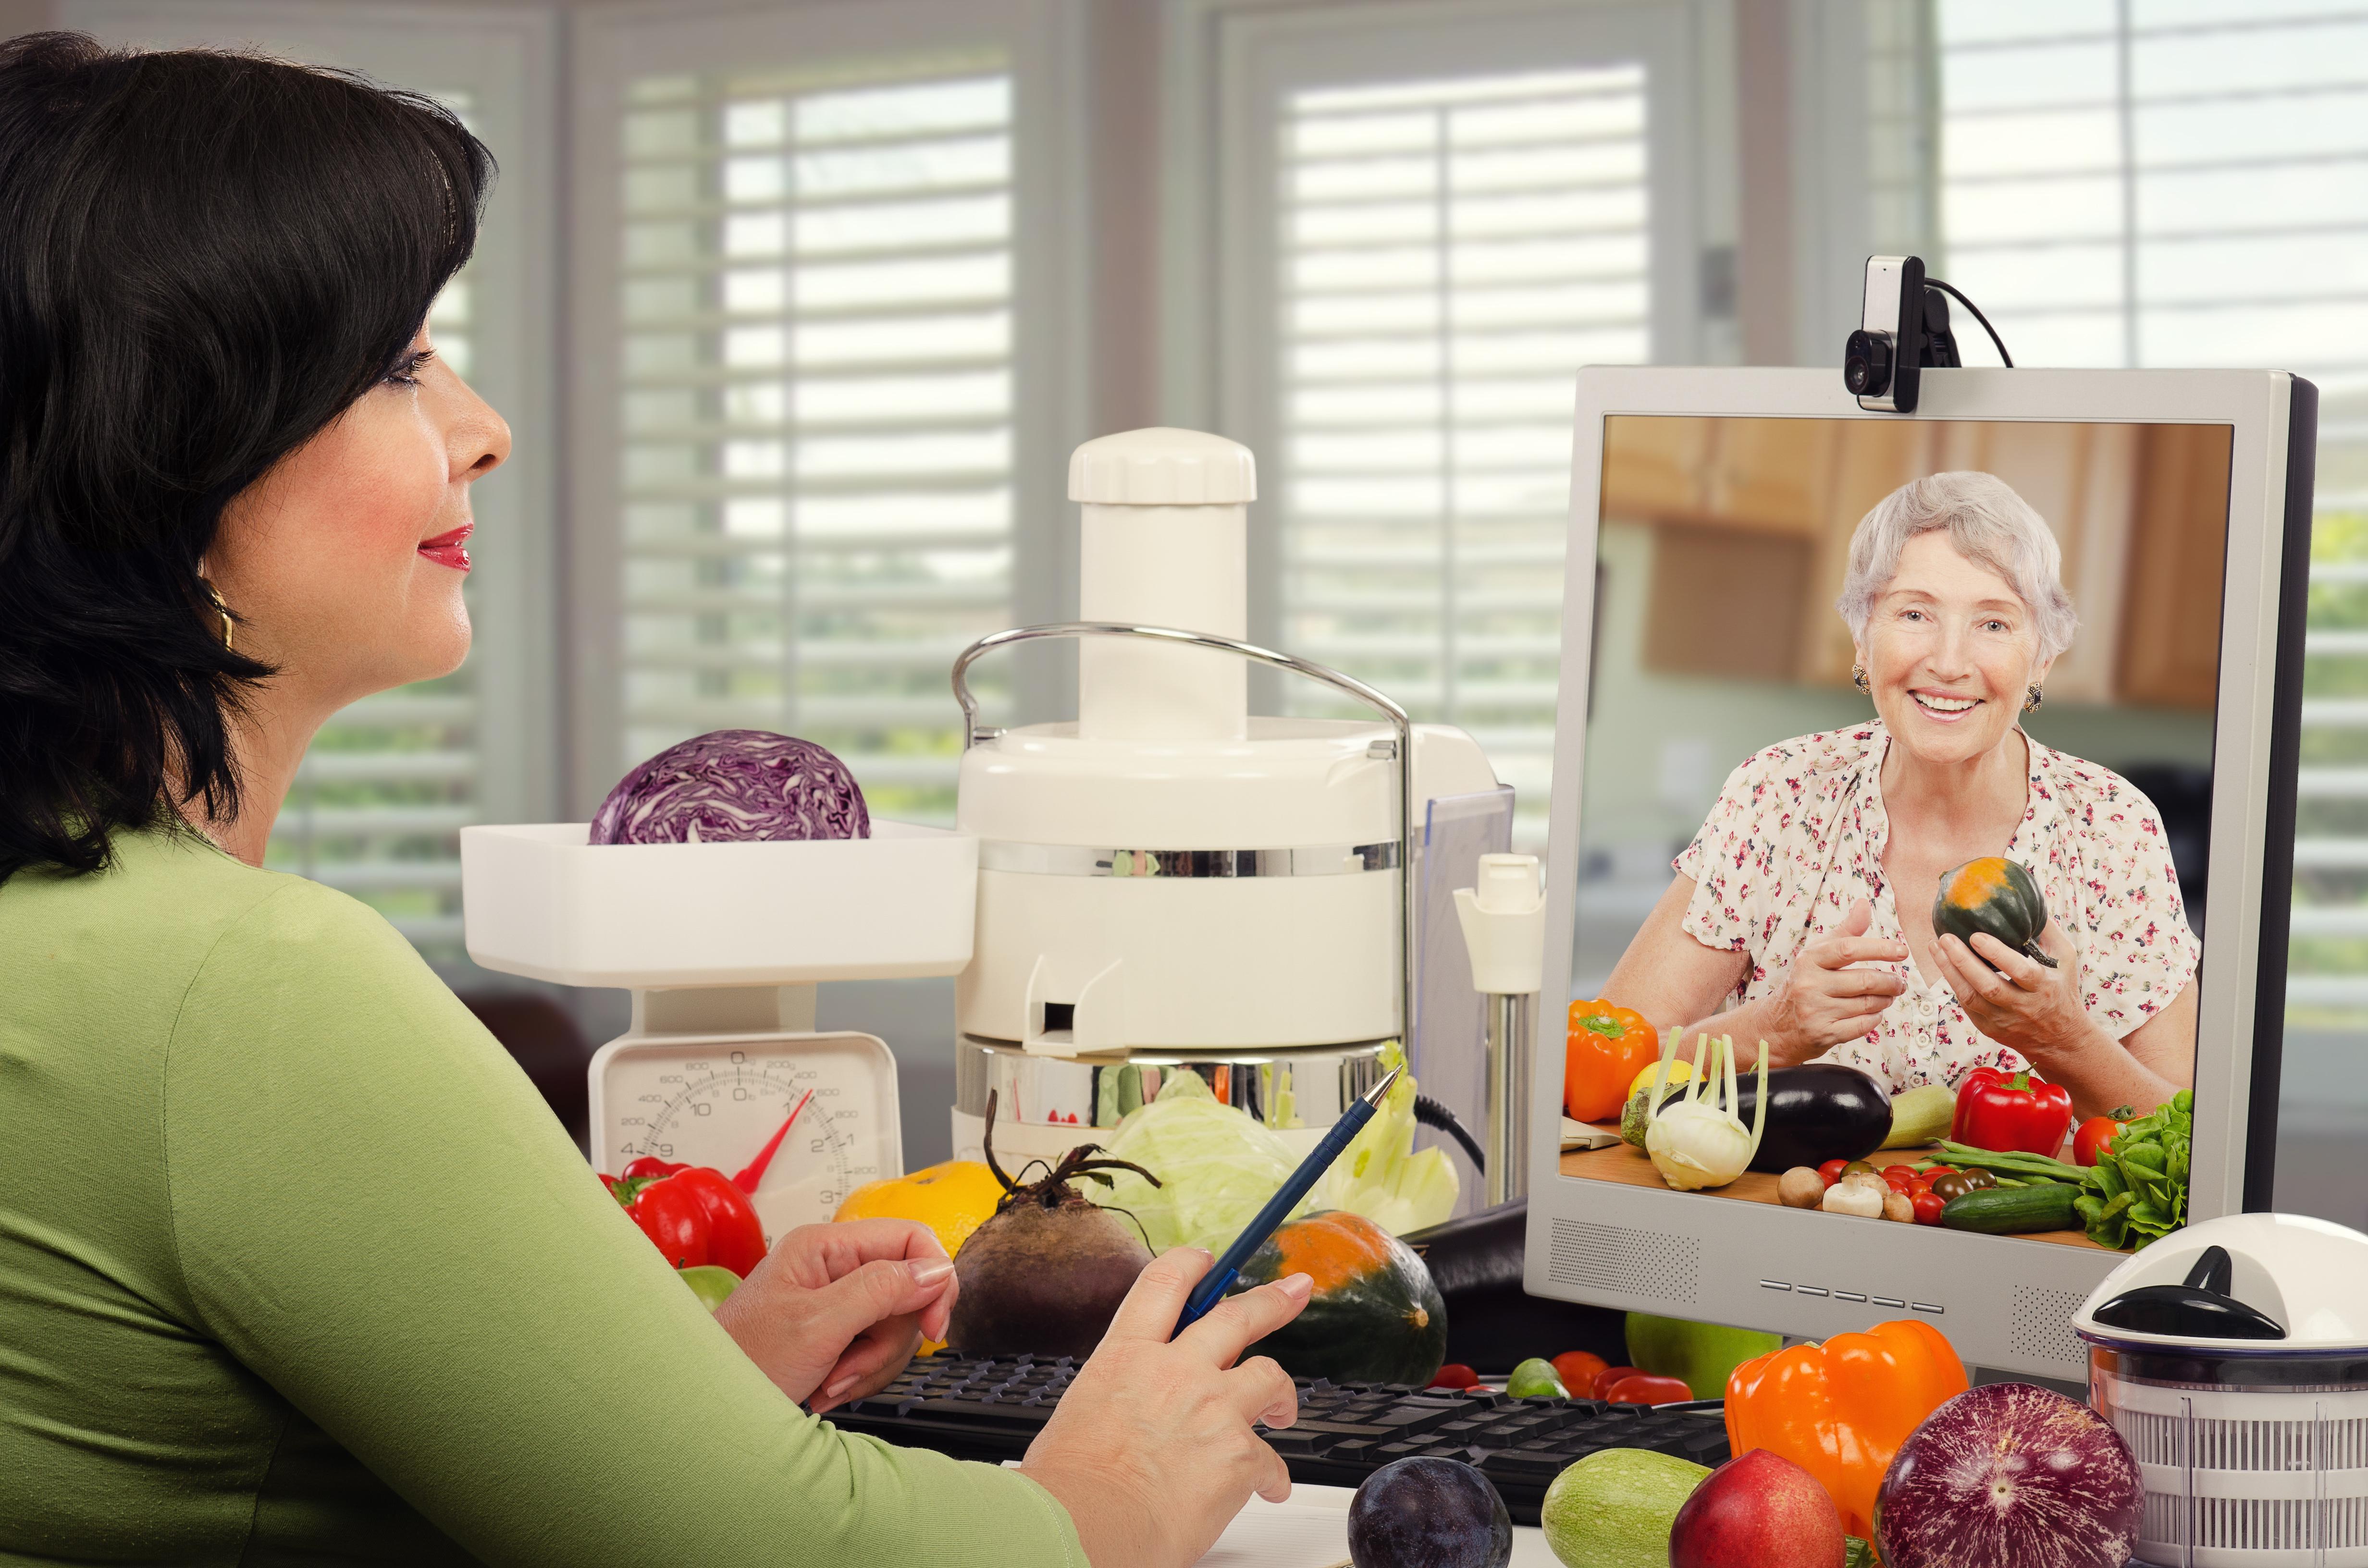 Mitos alimentarios... ¡A examen!